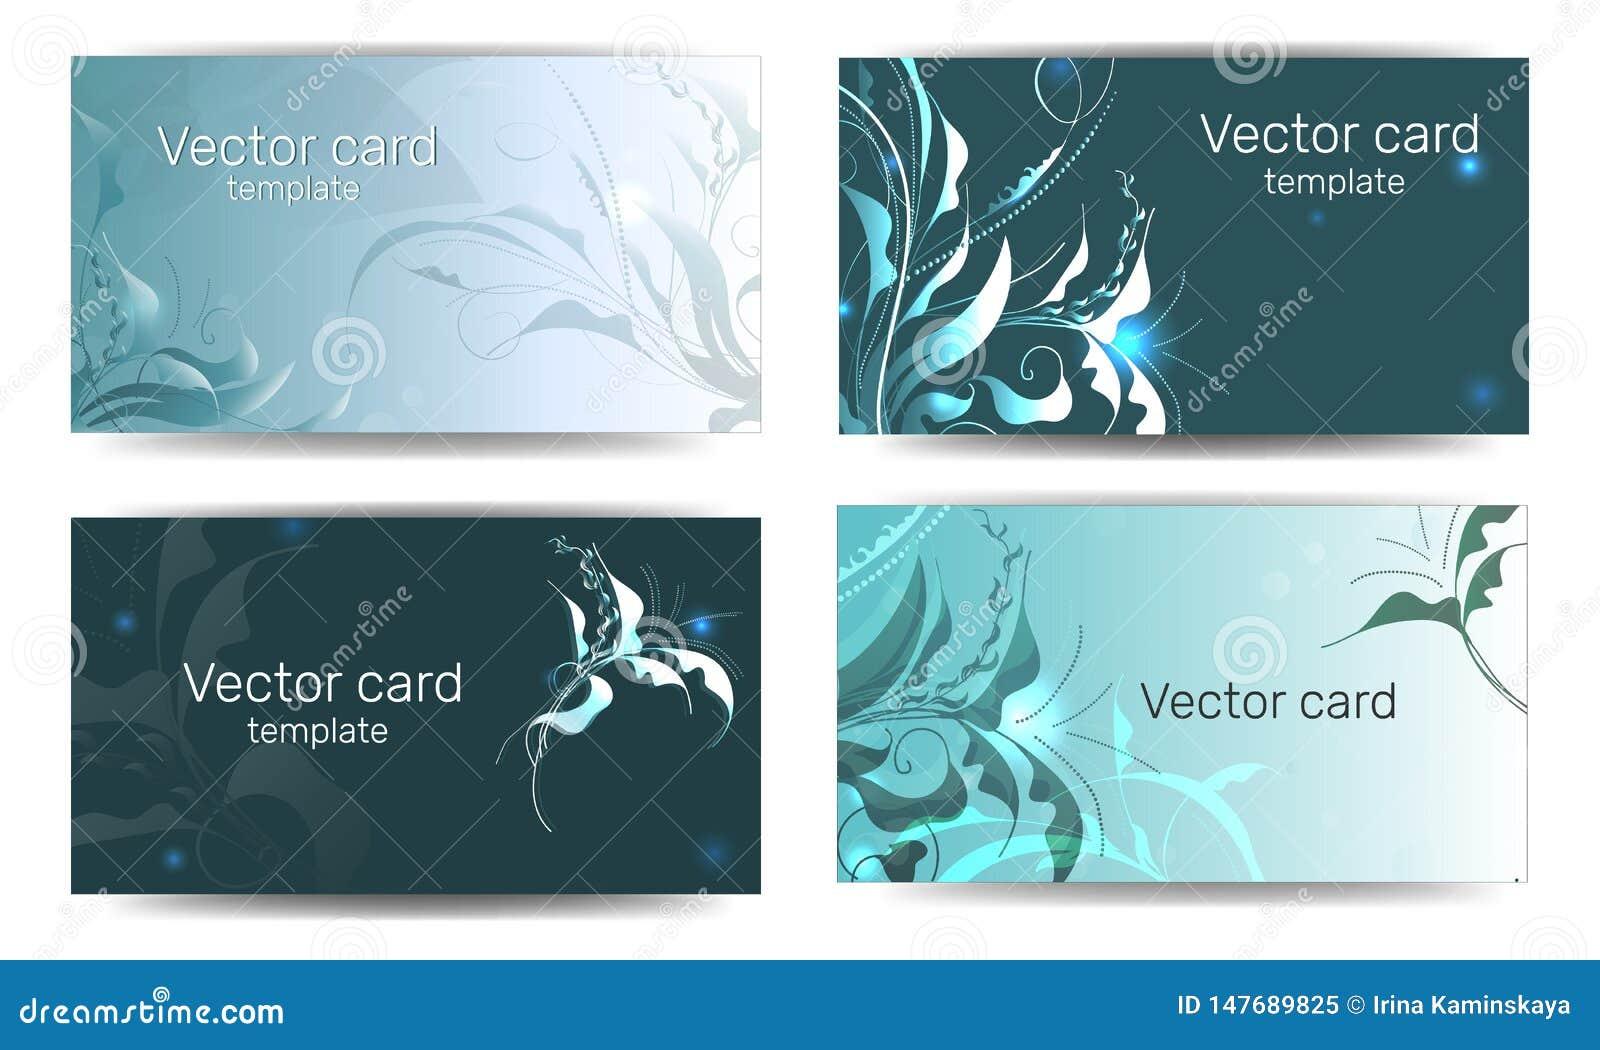 Schablone von Visitenkarten in der grünen Farbe mit einem Gestaltungselement Text-Rahmen Illustration des Vektor EPS10